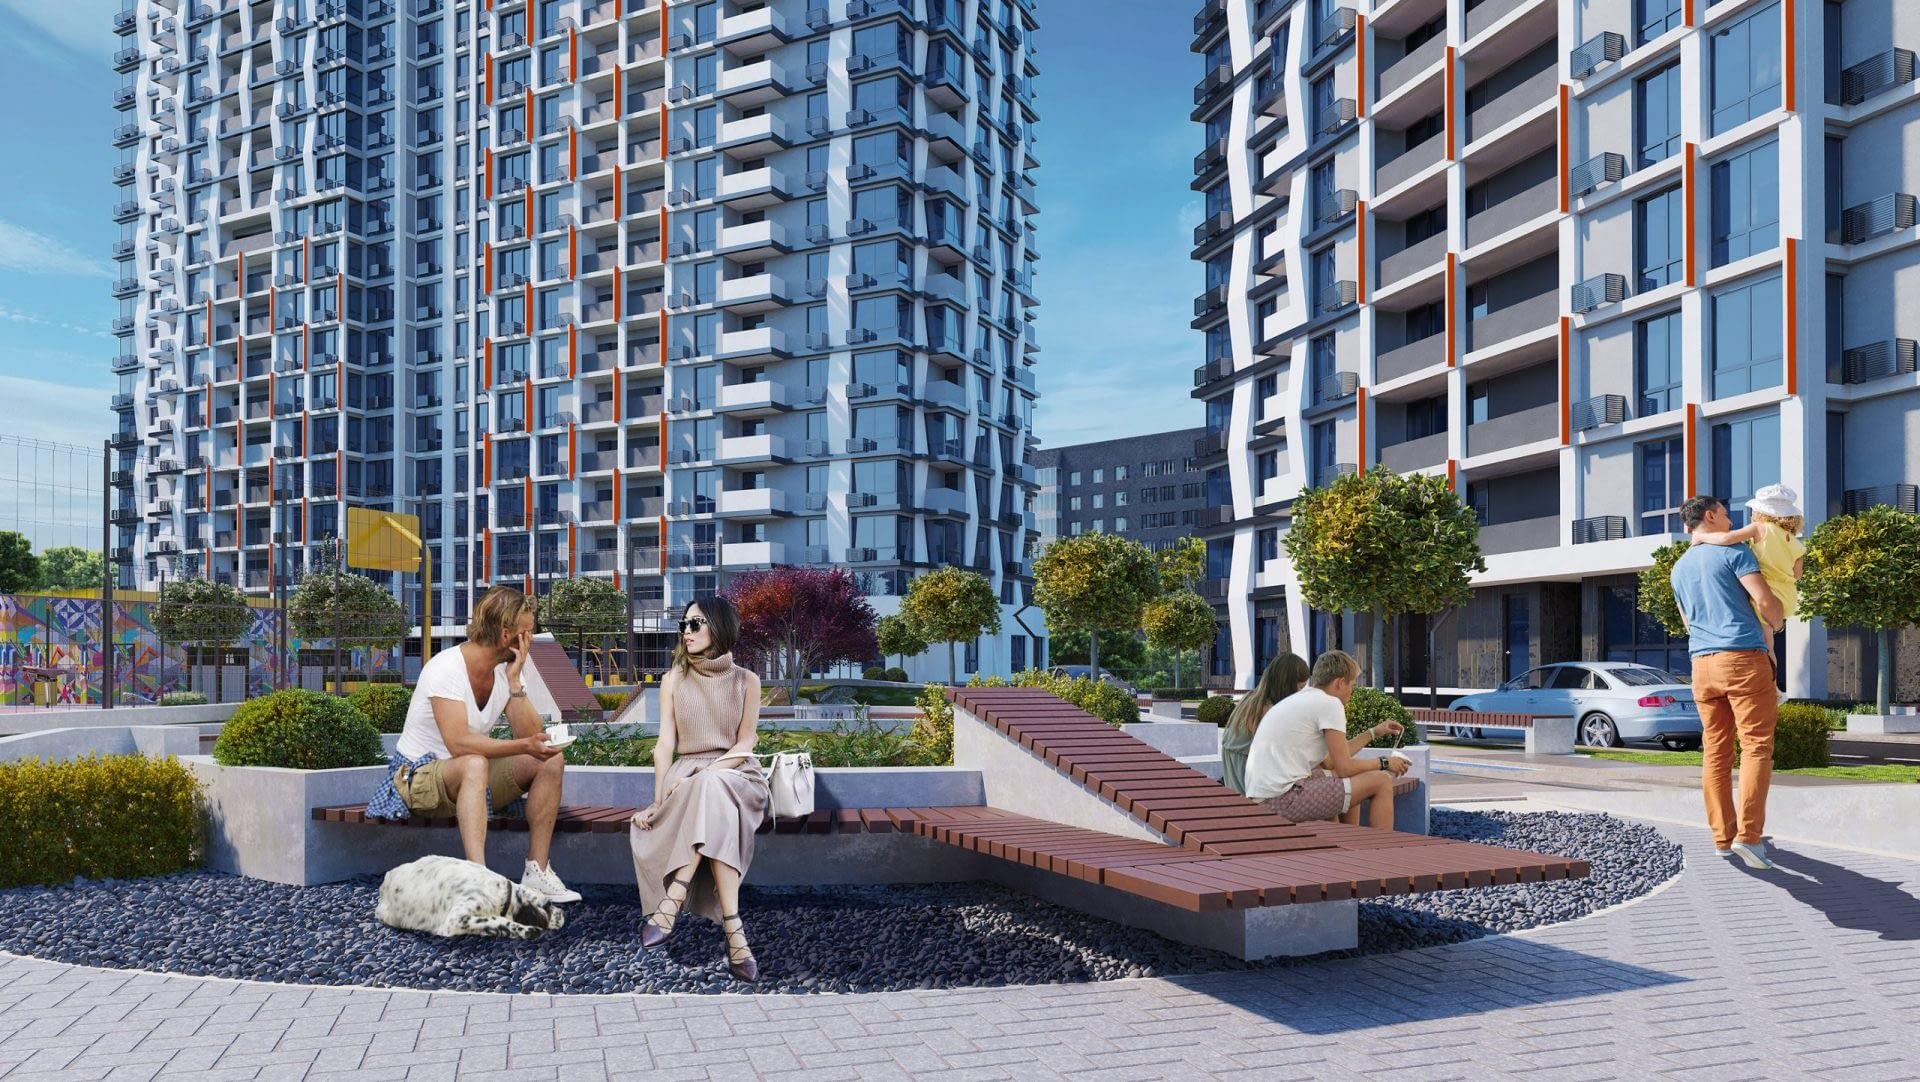 проект Жилищного Комплекса Сити Хаб внутренний двор